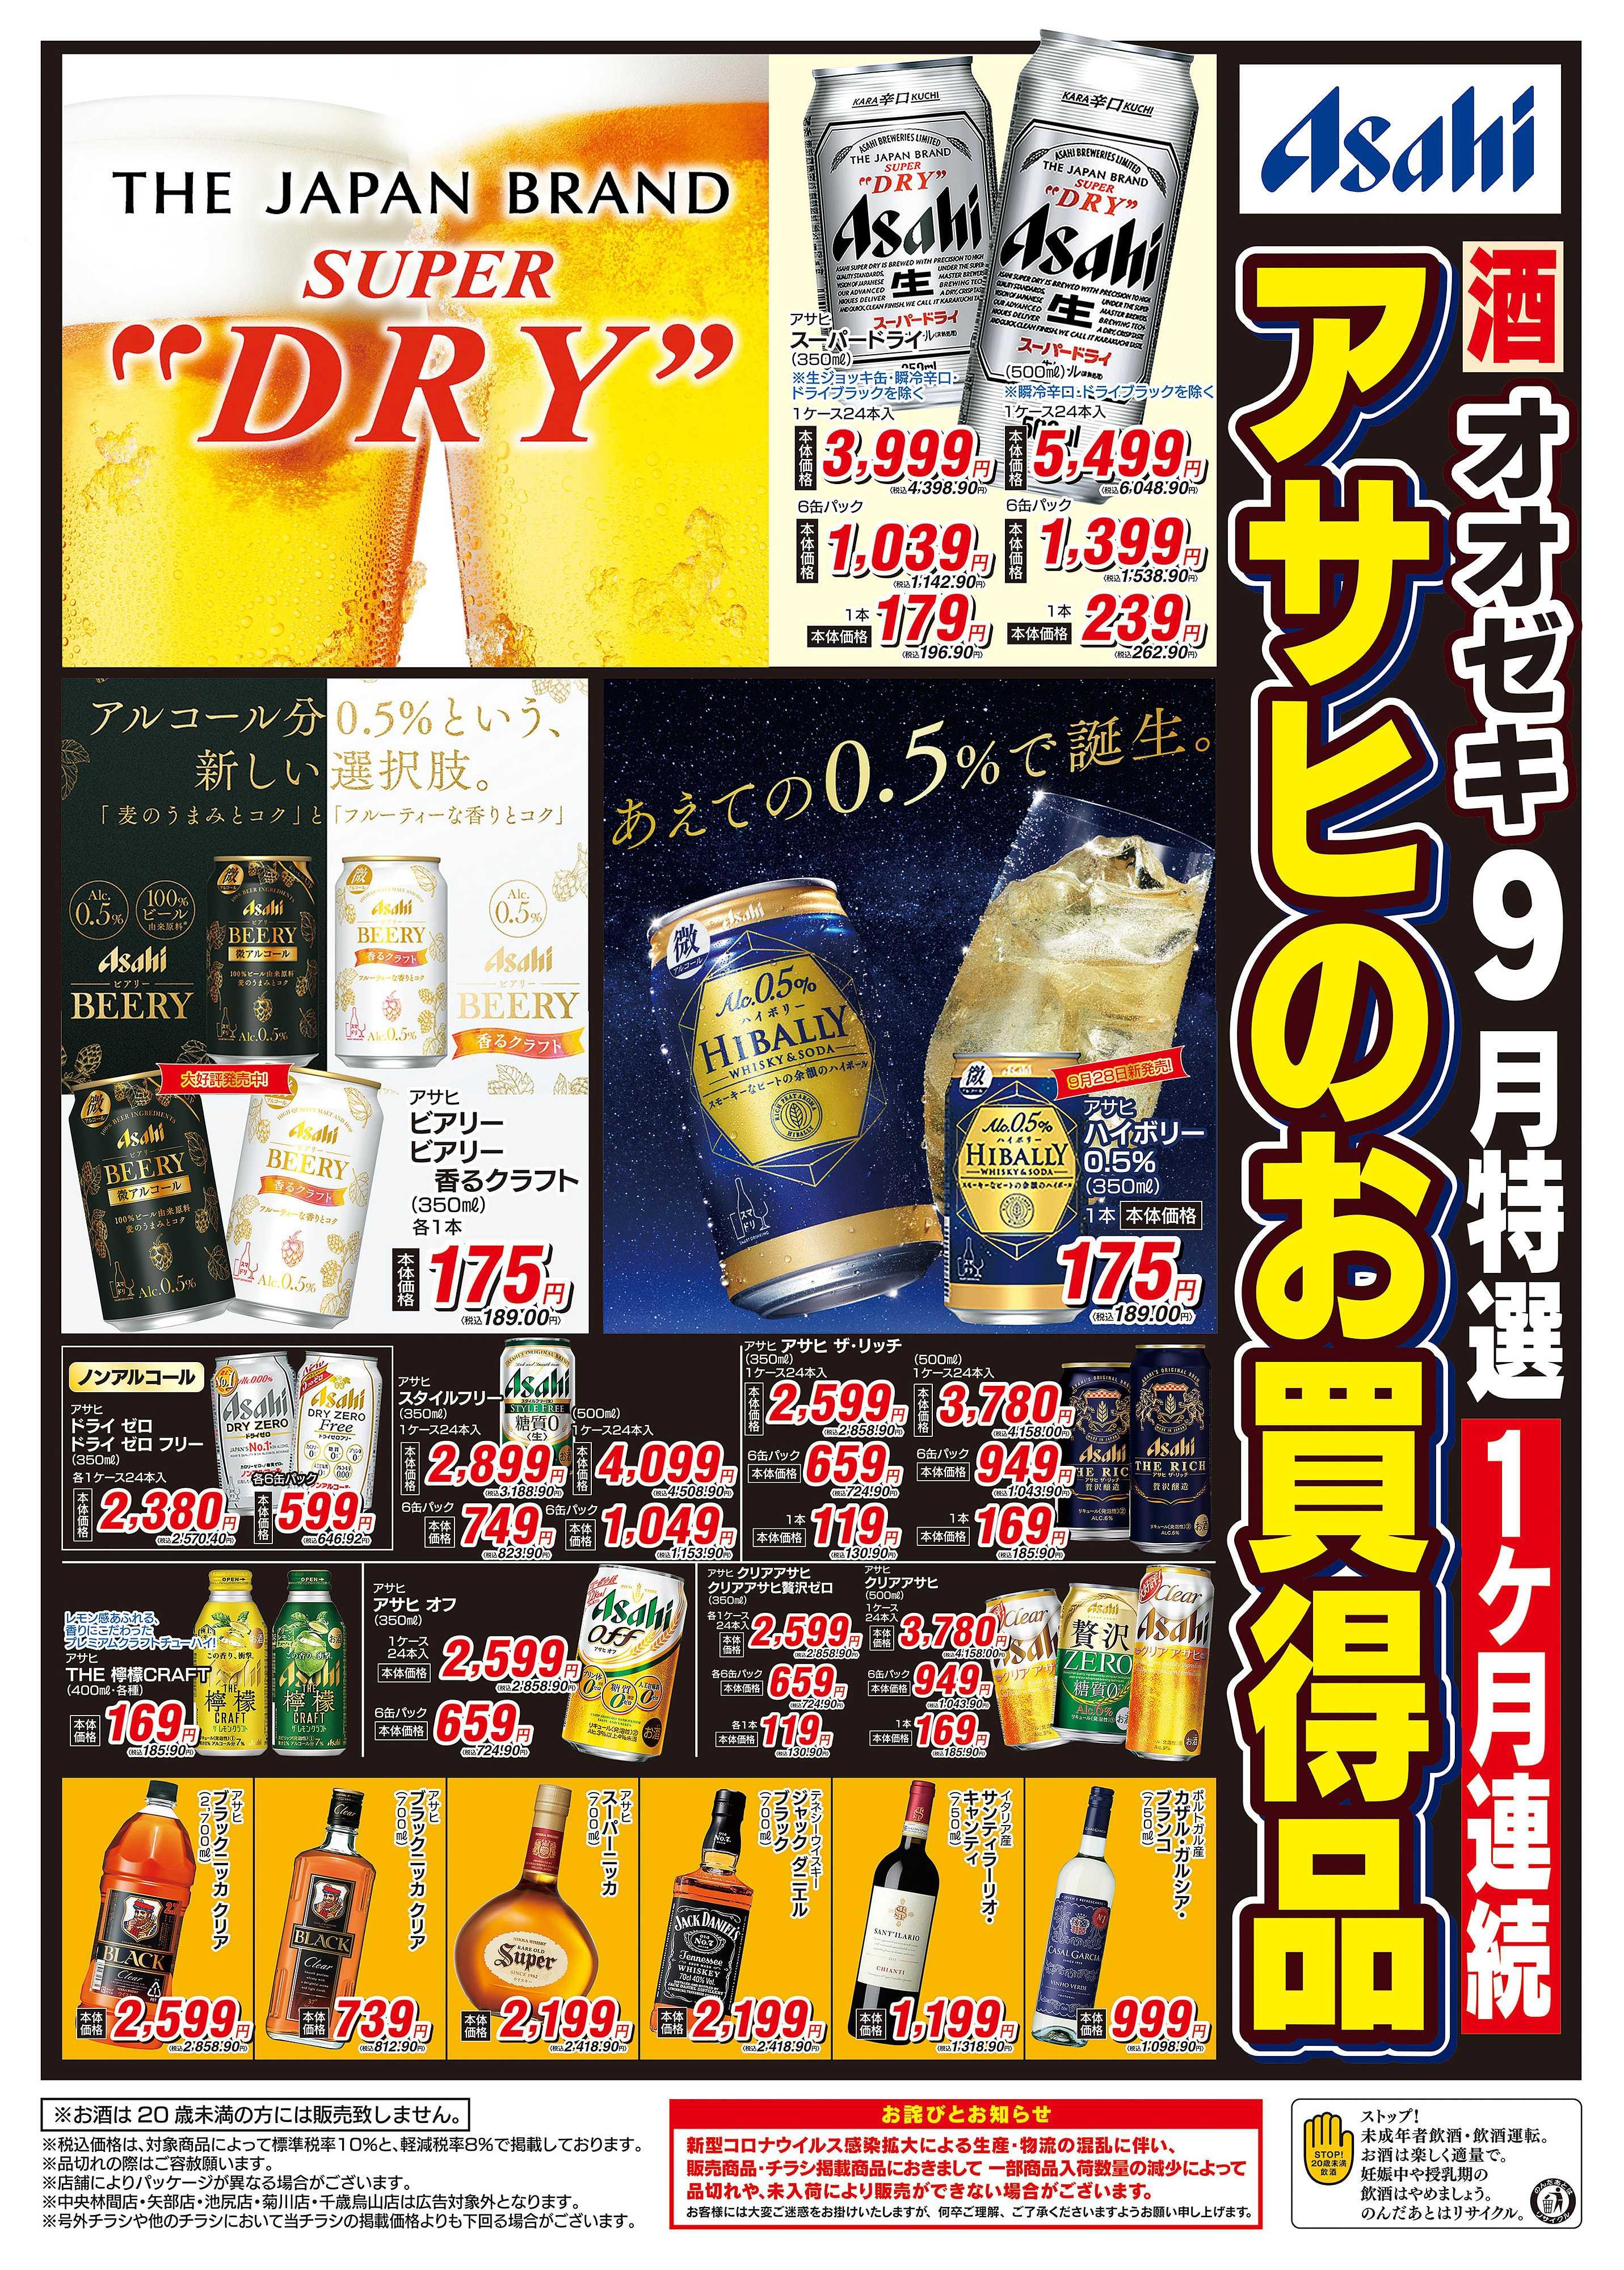 オオゼキ 9月 1ヶ月連続 酒 アサヒのお買得品